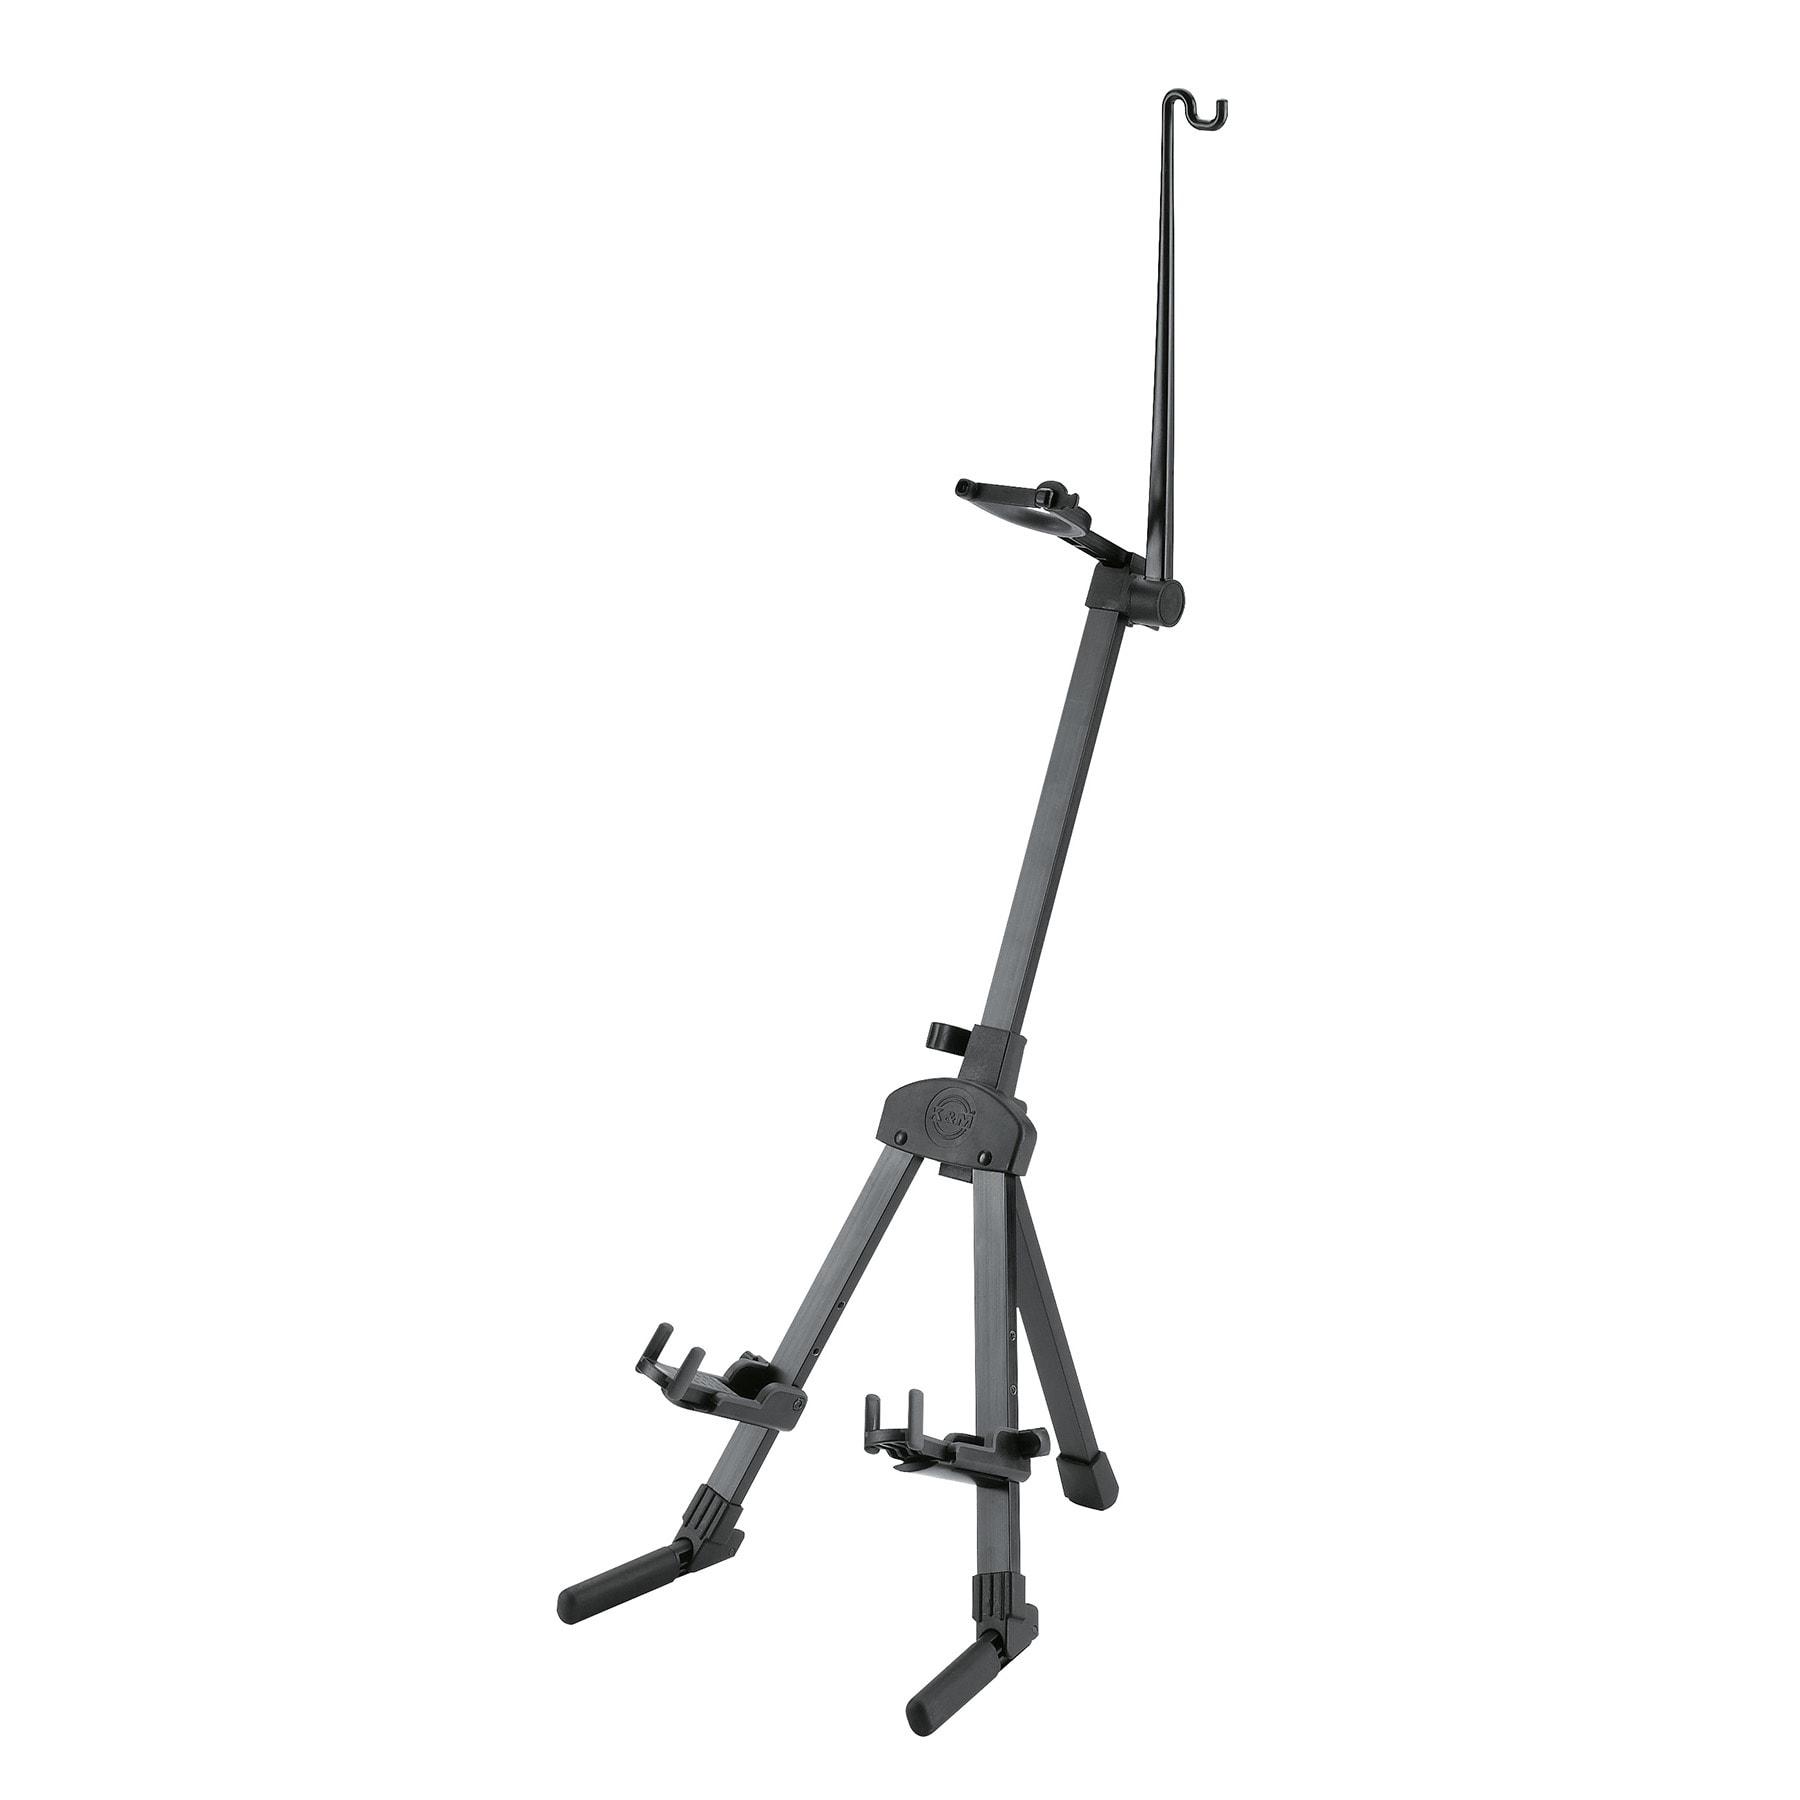 KM15530 - Violin stand